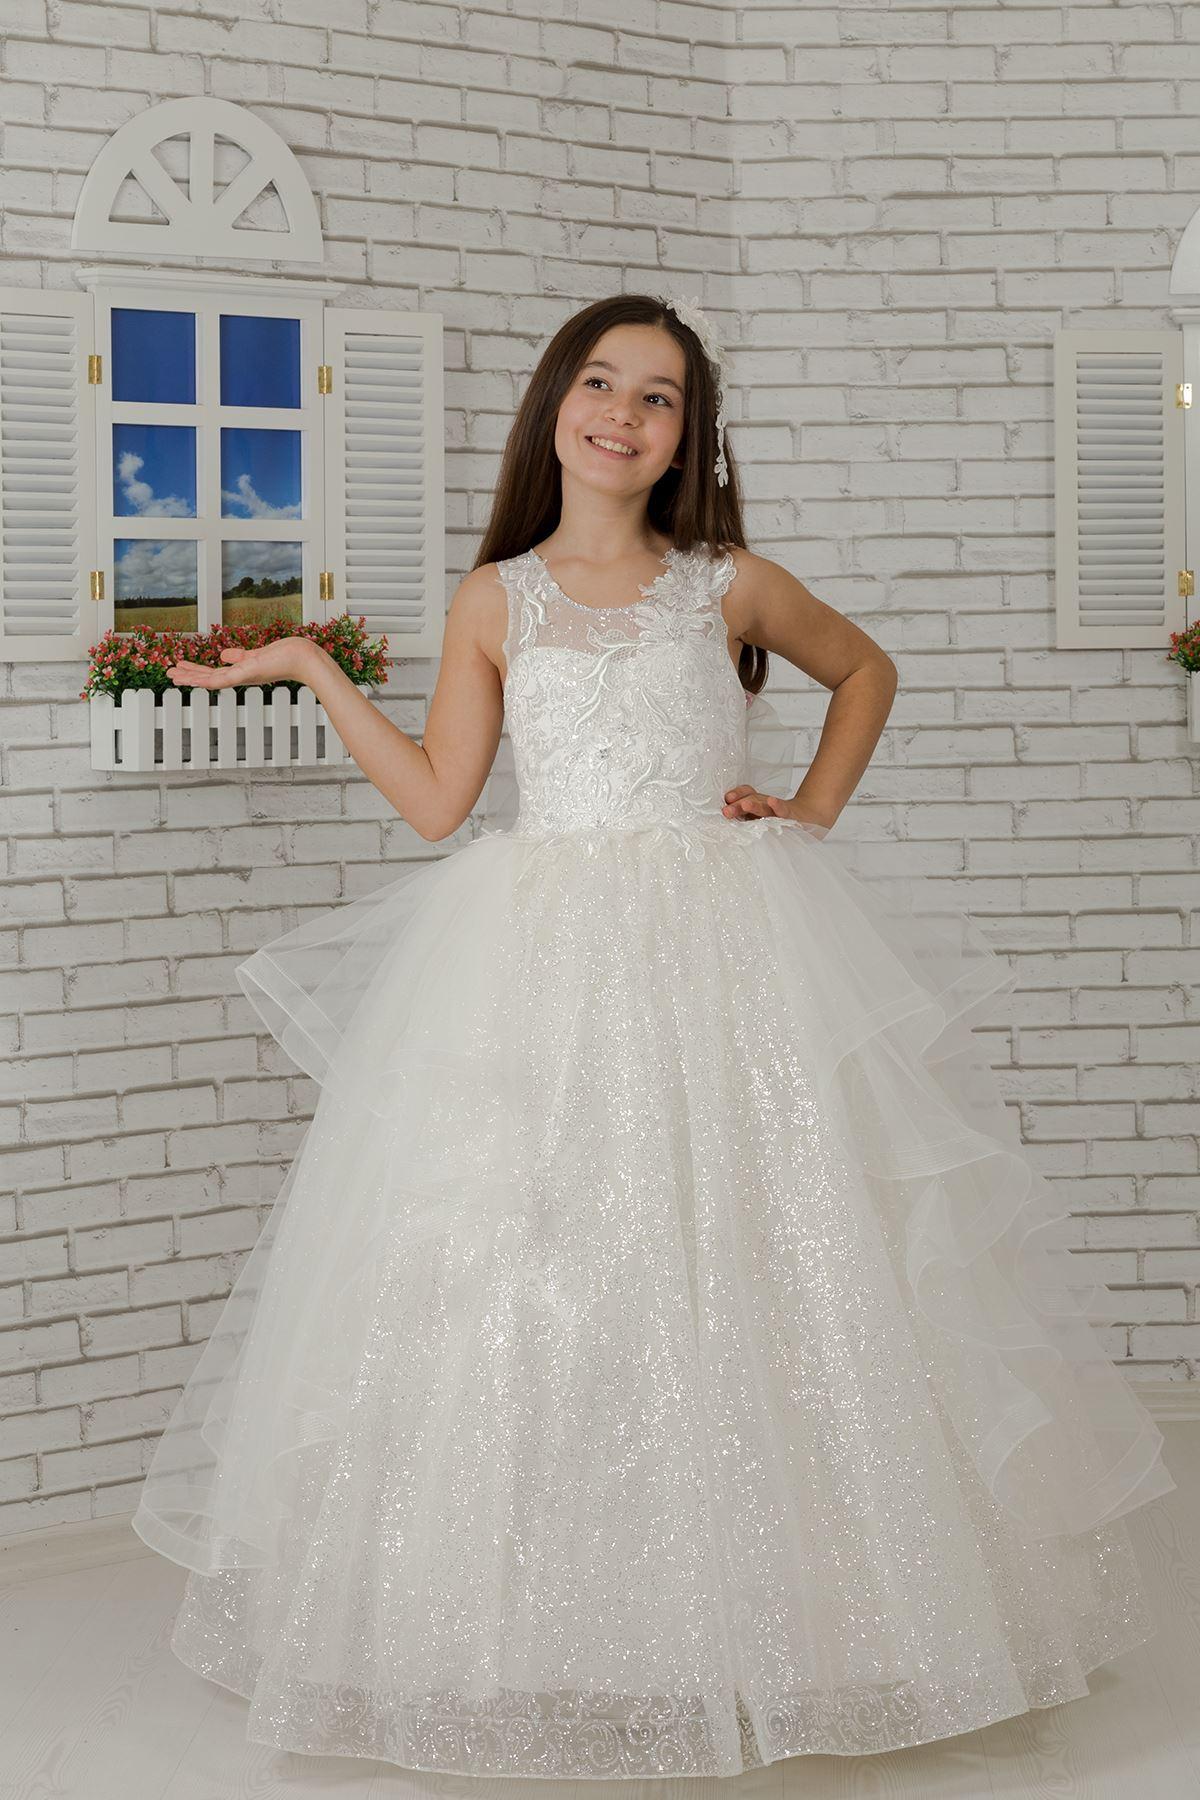 Бра, специальный серебристый тюль, детское вечернее платье с пышной юбкой для девочек 624 кремового цвета